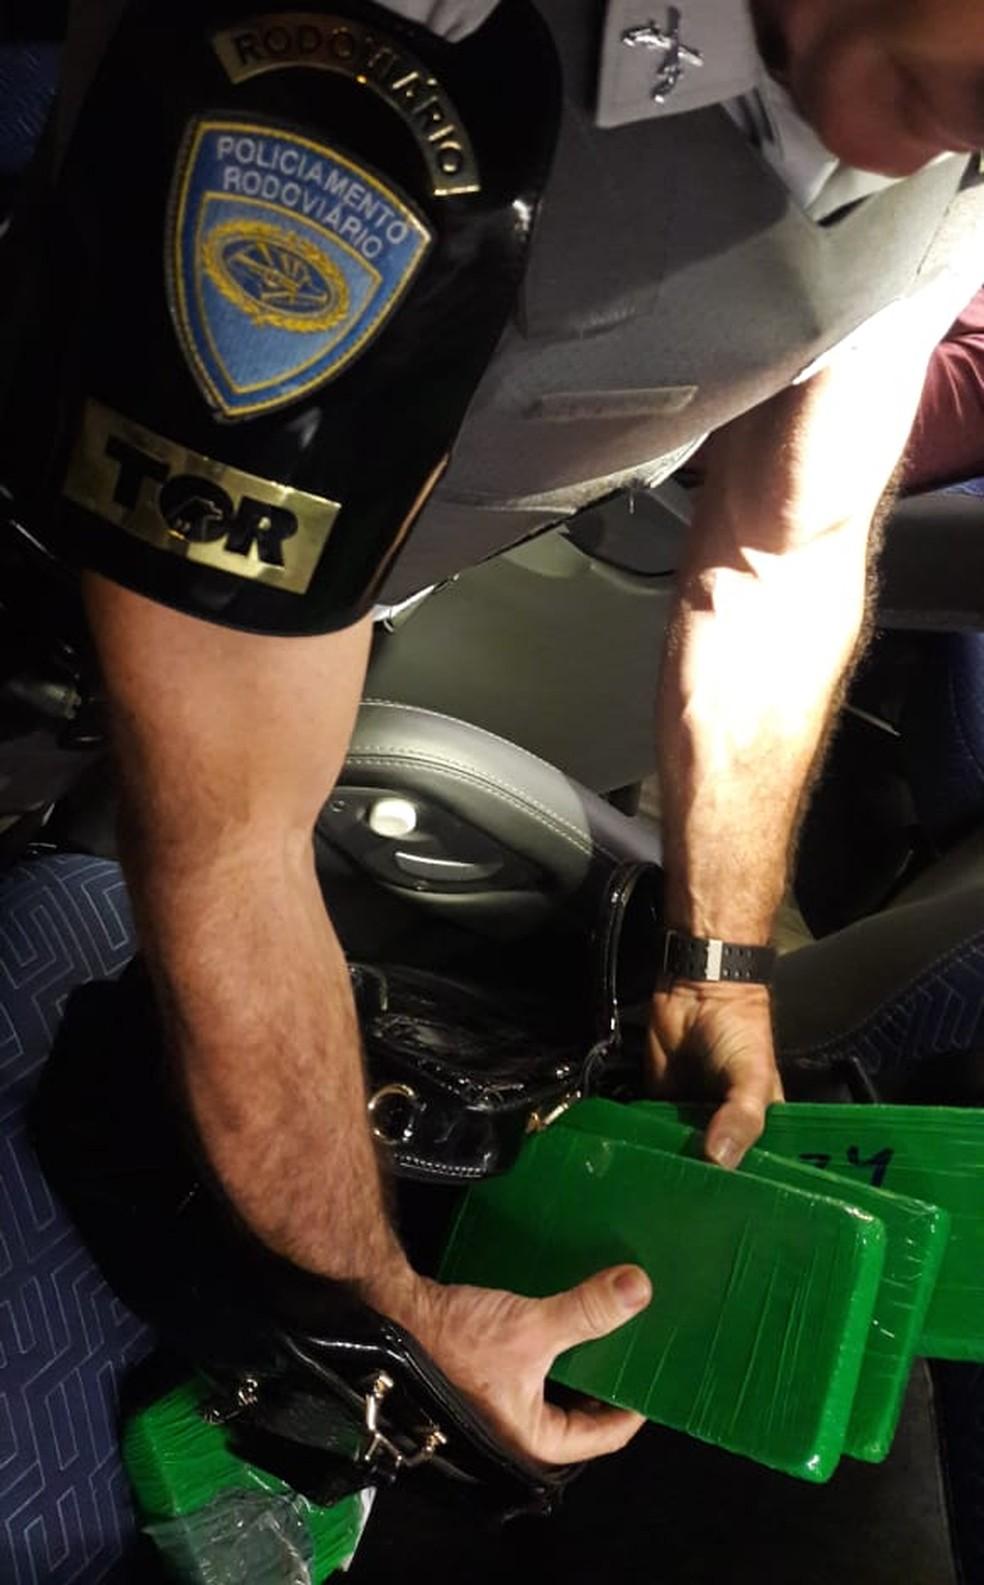 Tabletes de cocaína foram apreendidos pela polícia — Foto: Polícia Rodoviária